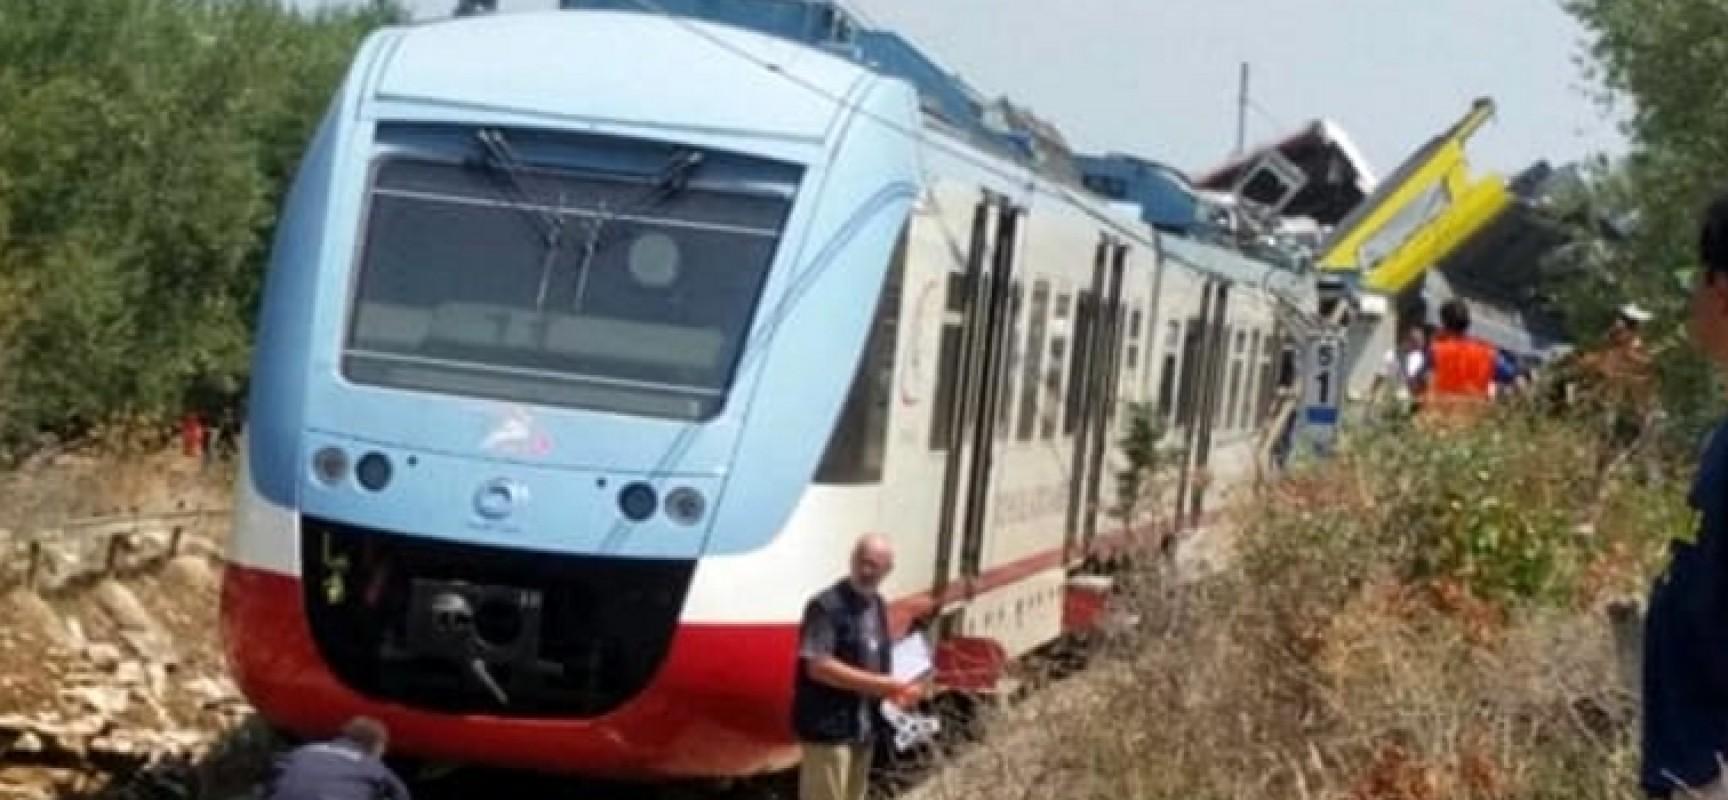 Tragedia ferroviaria: le disposizioni del sindaco Spina in occasione del lutto cittadino di domani